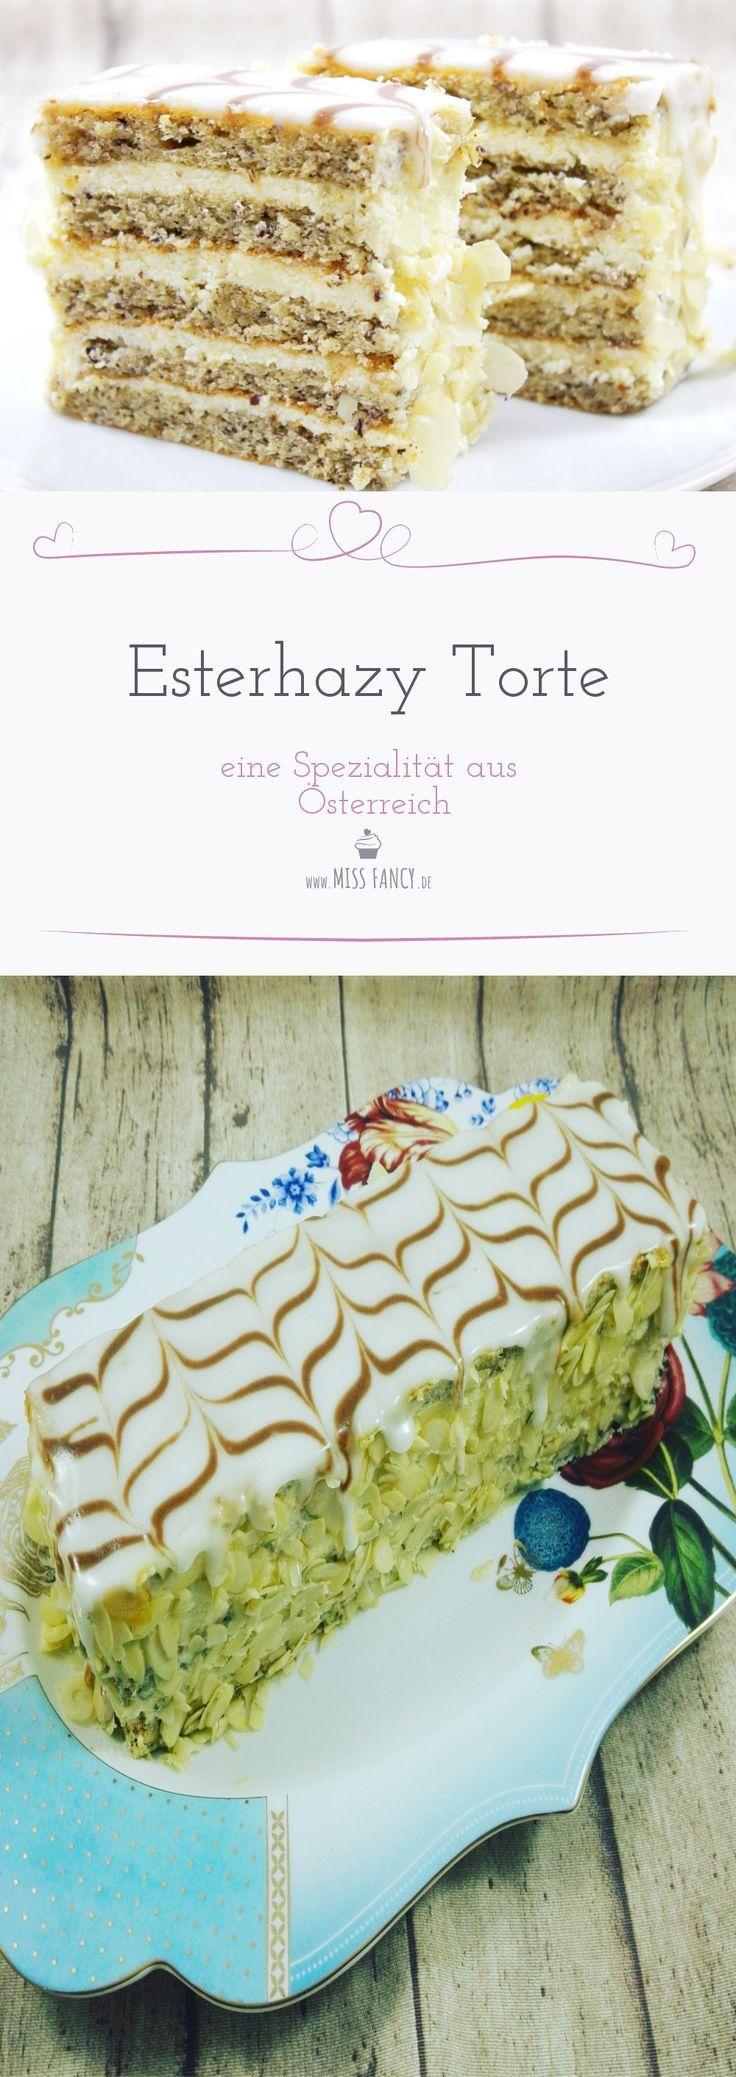 Diese Esterhazy Torte ist ein absoluter Traum